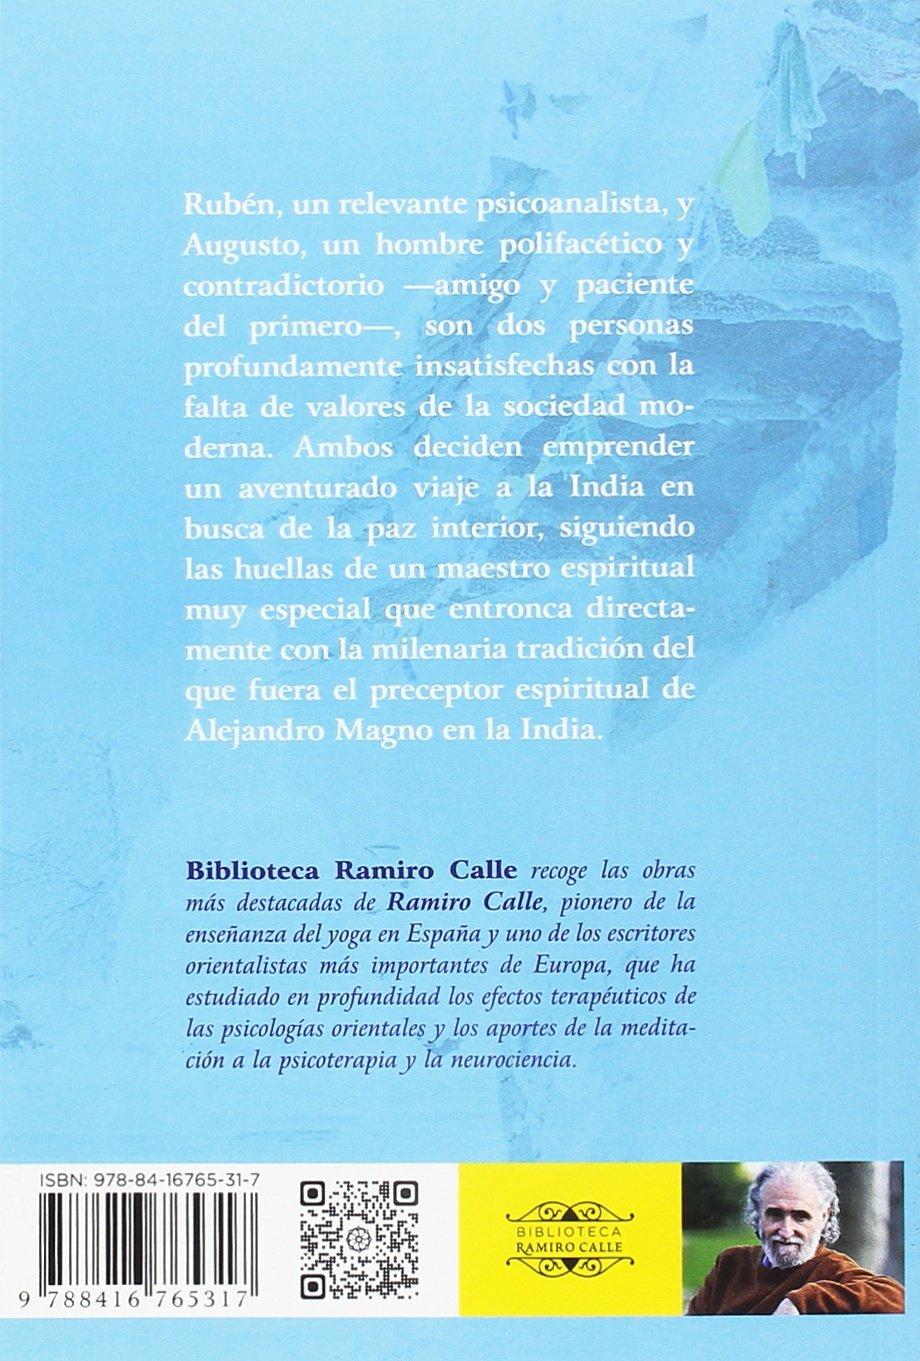 El templo de hielo: 9788416765317: Amazon.com: Books